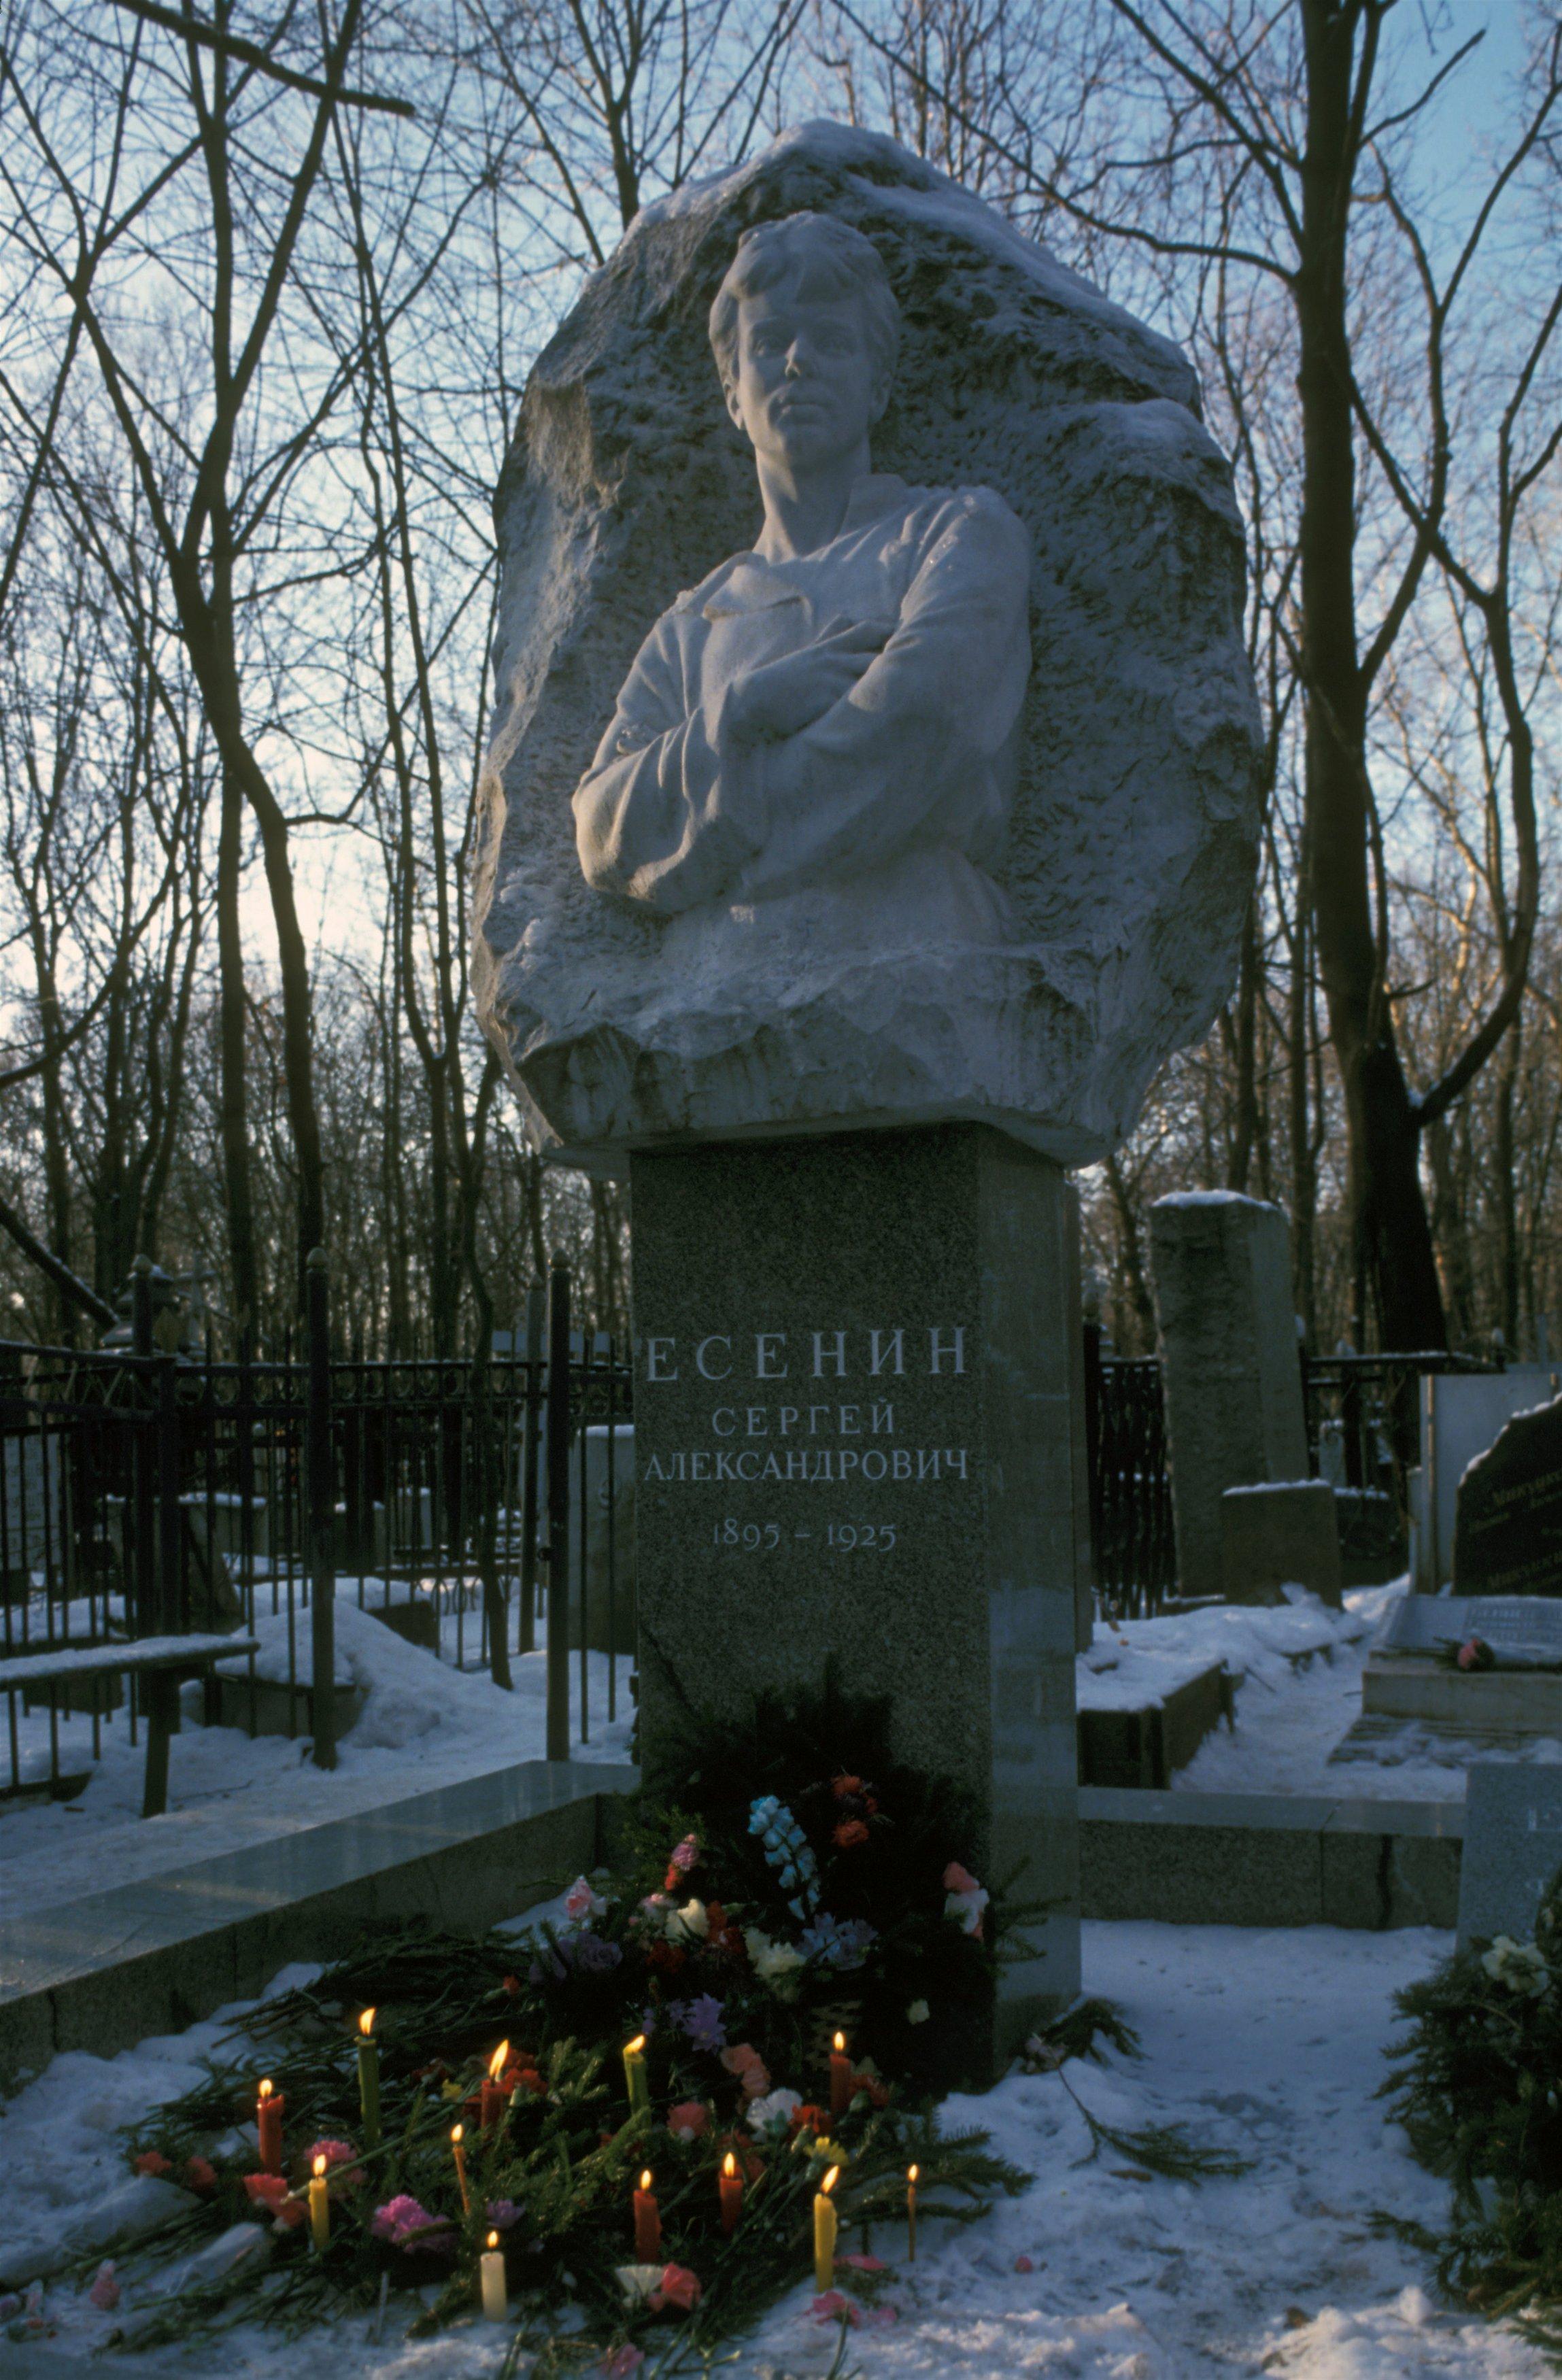 Памятник Сергею Есенину на Ваганьковском кладбище. Москва. Россия.